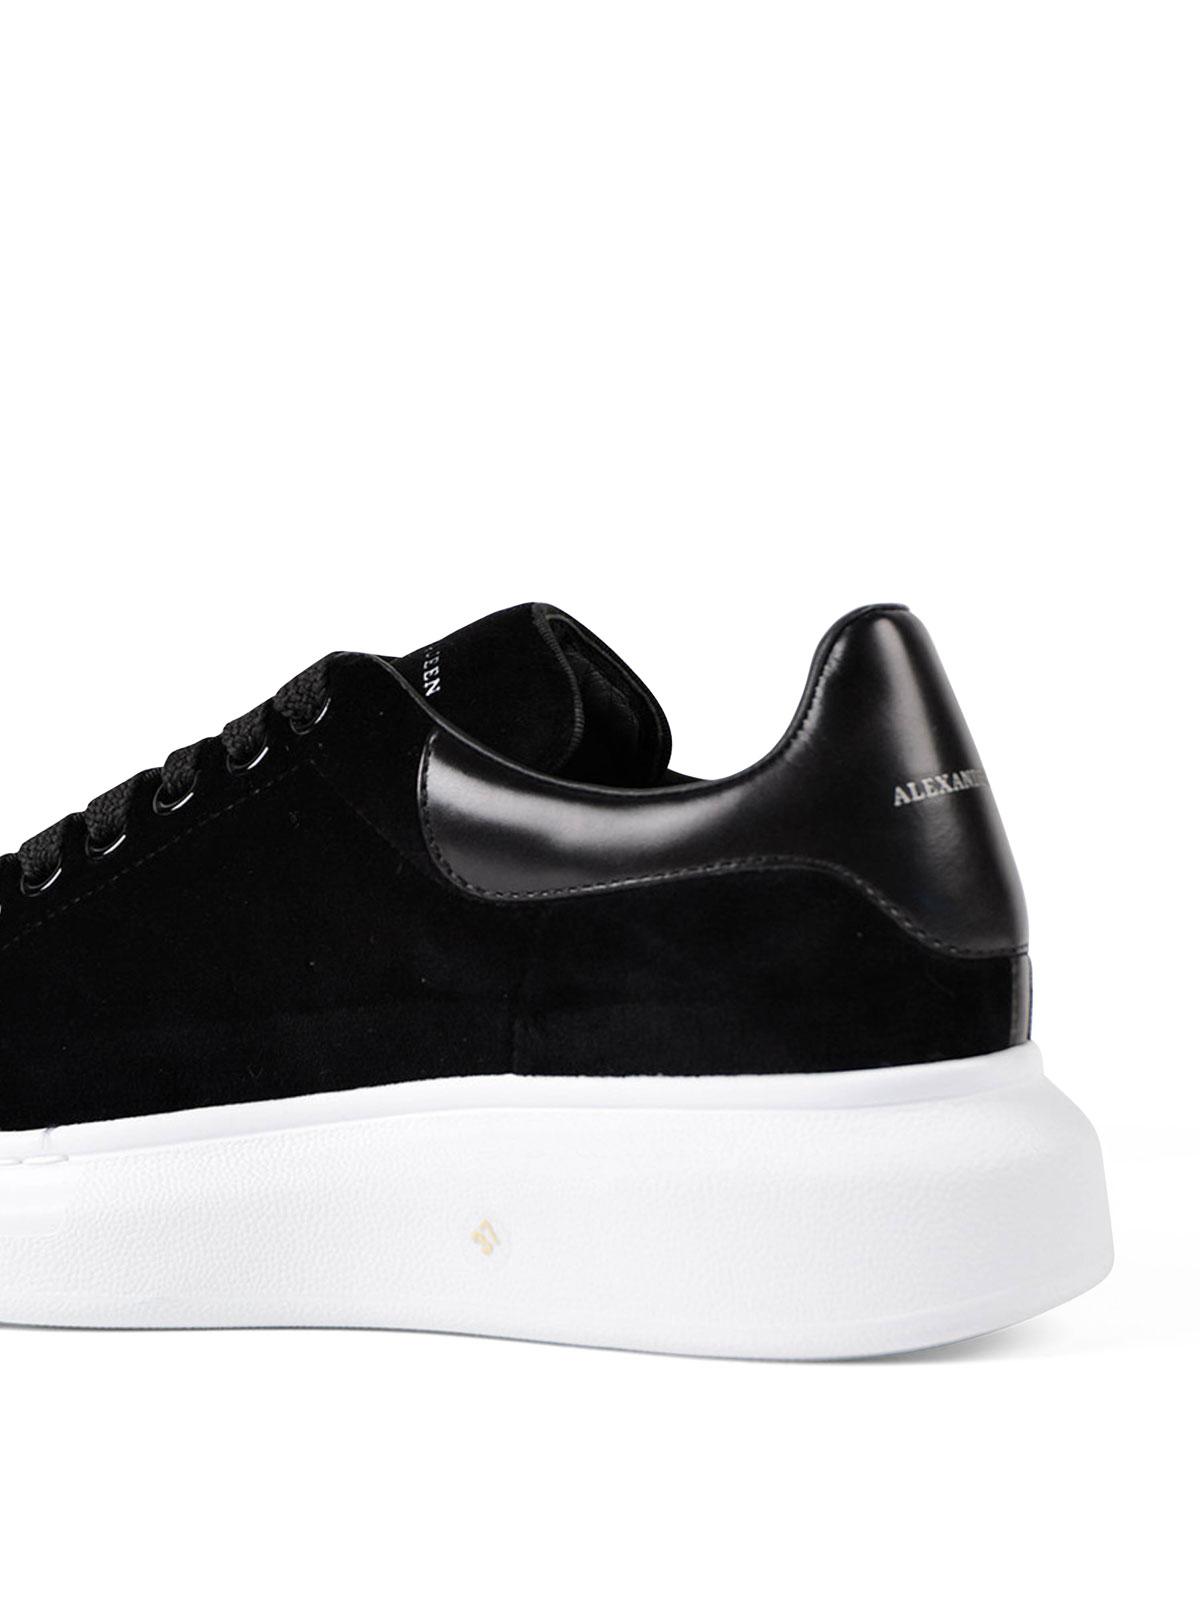 Alexander Mcqueen - Sneaker Oversize in velluto - sneakers ...